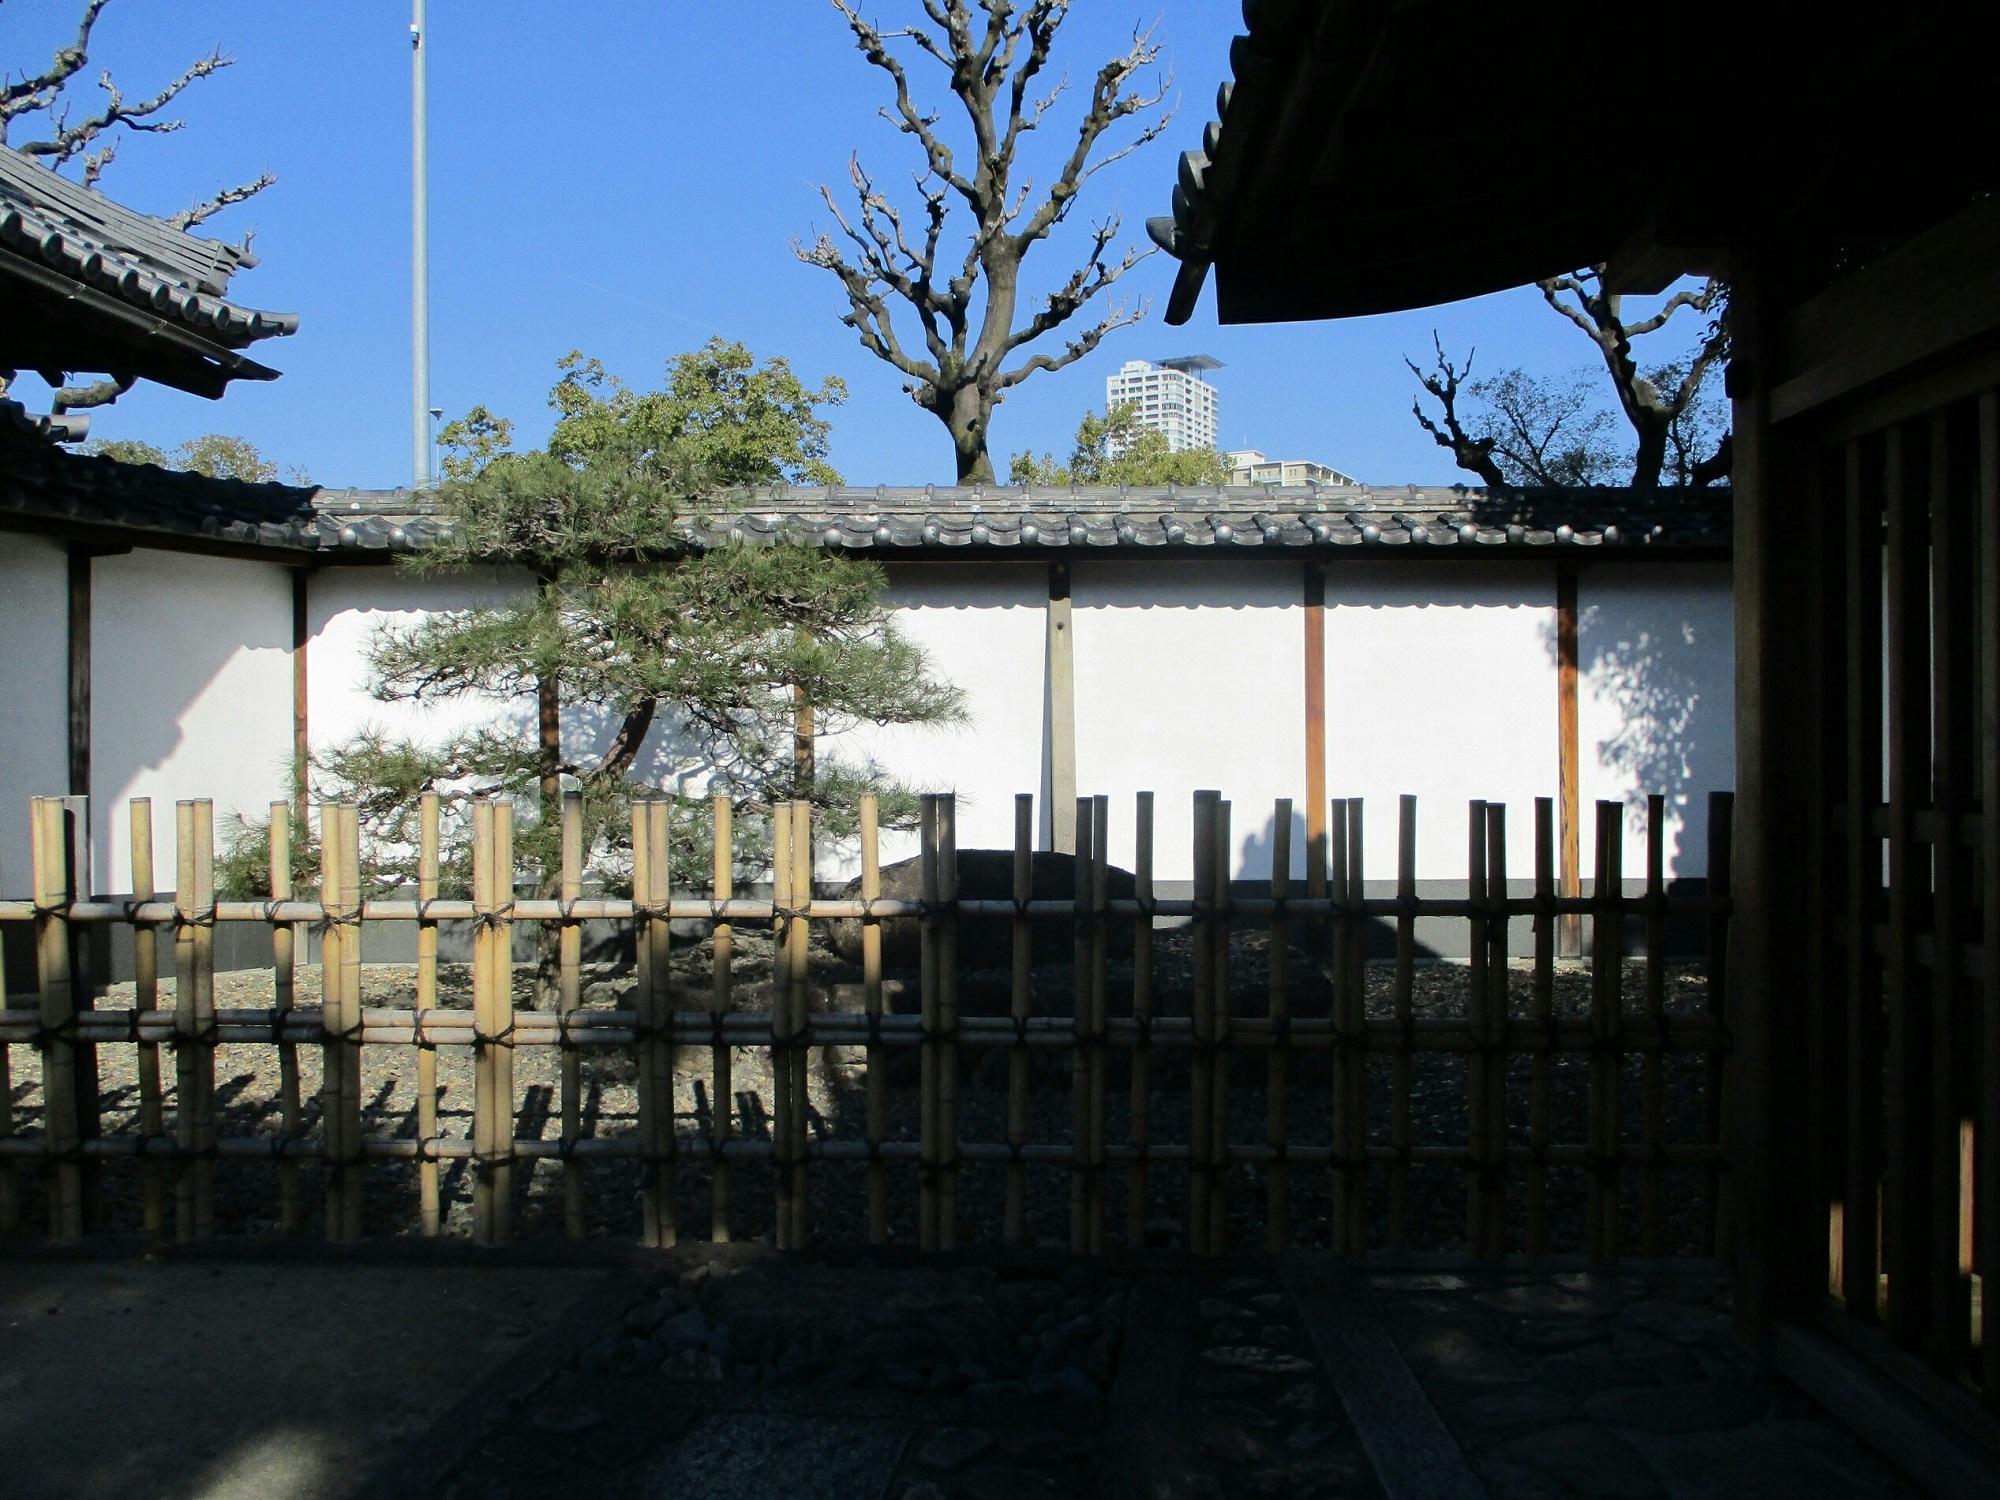 2019.2.18 (12) 青大悲寺 - きのさんの両親住居あと 2000-1500